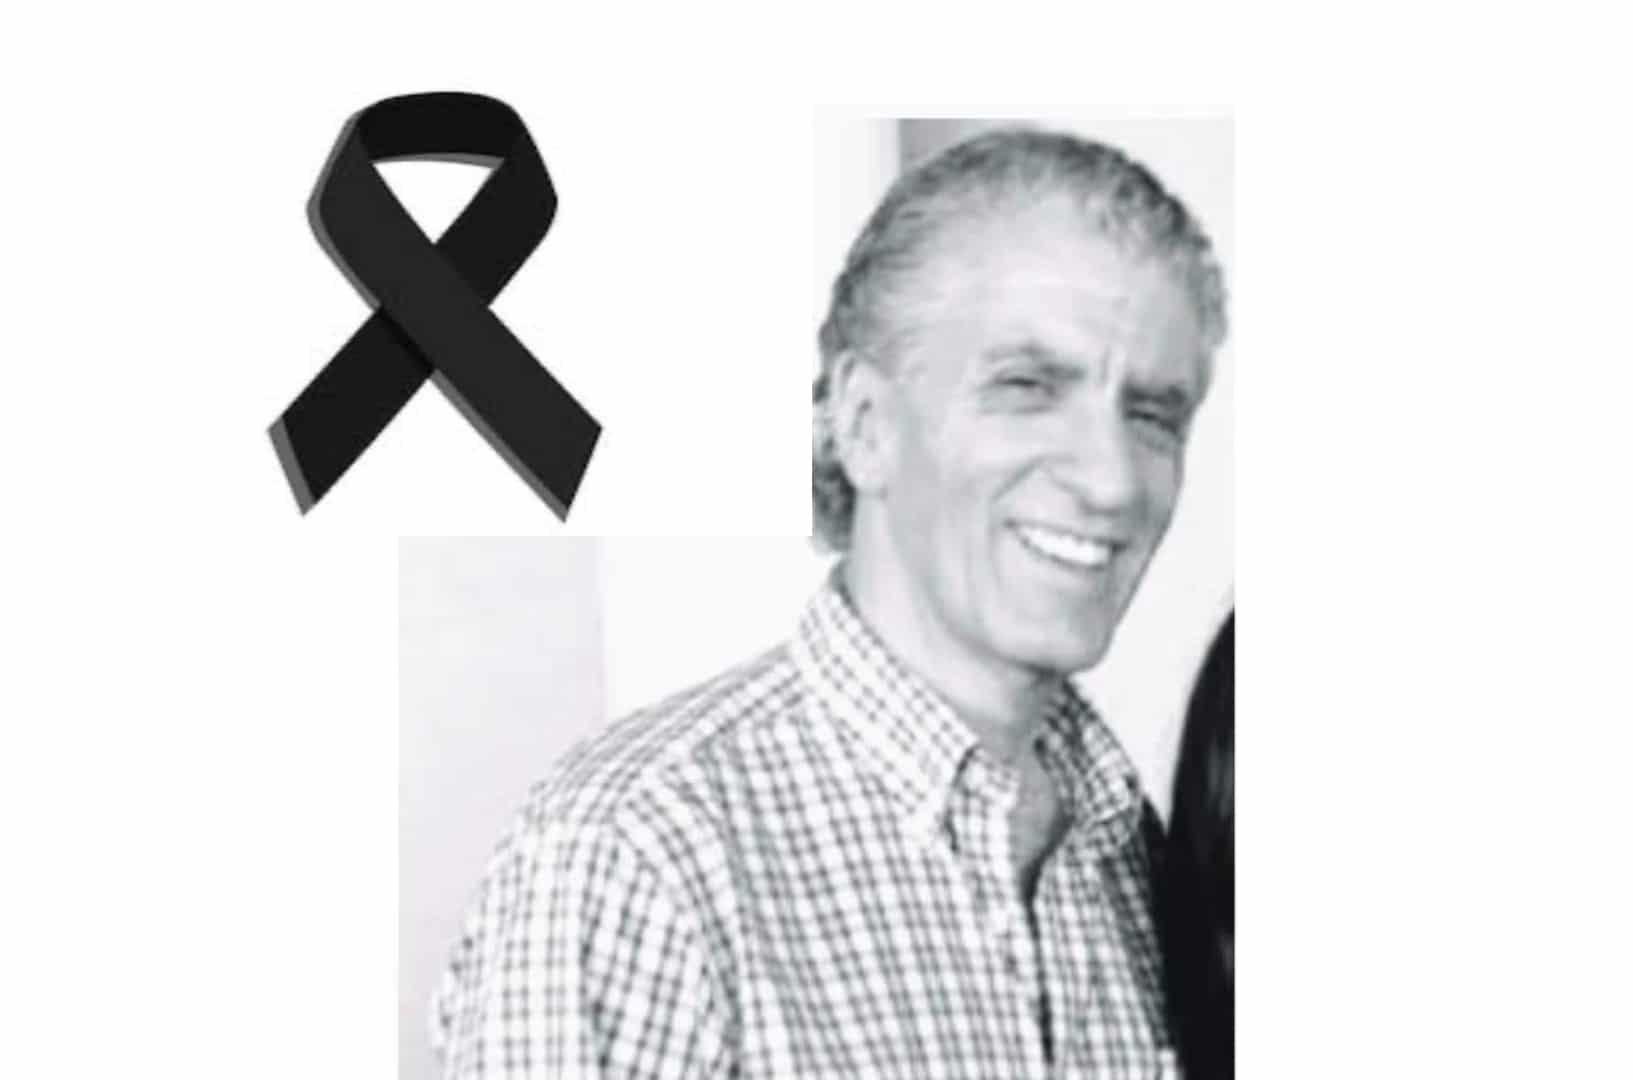 Fallece José de Jesús Félix Servín, en dos ocasiones candidato a alcalde de Irapuato 1